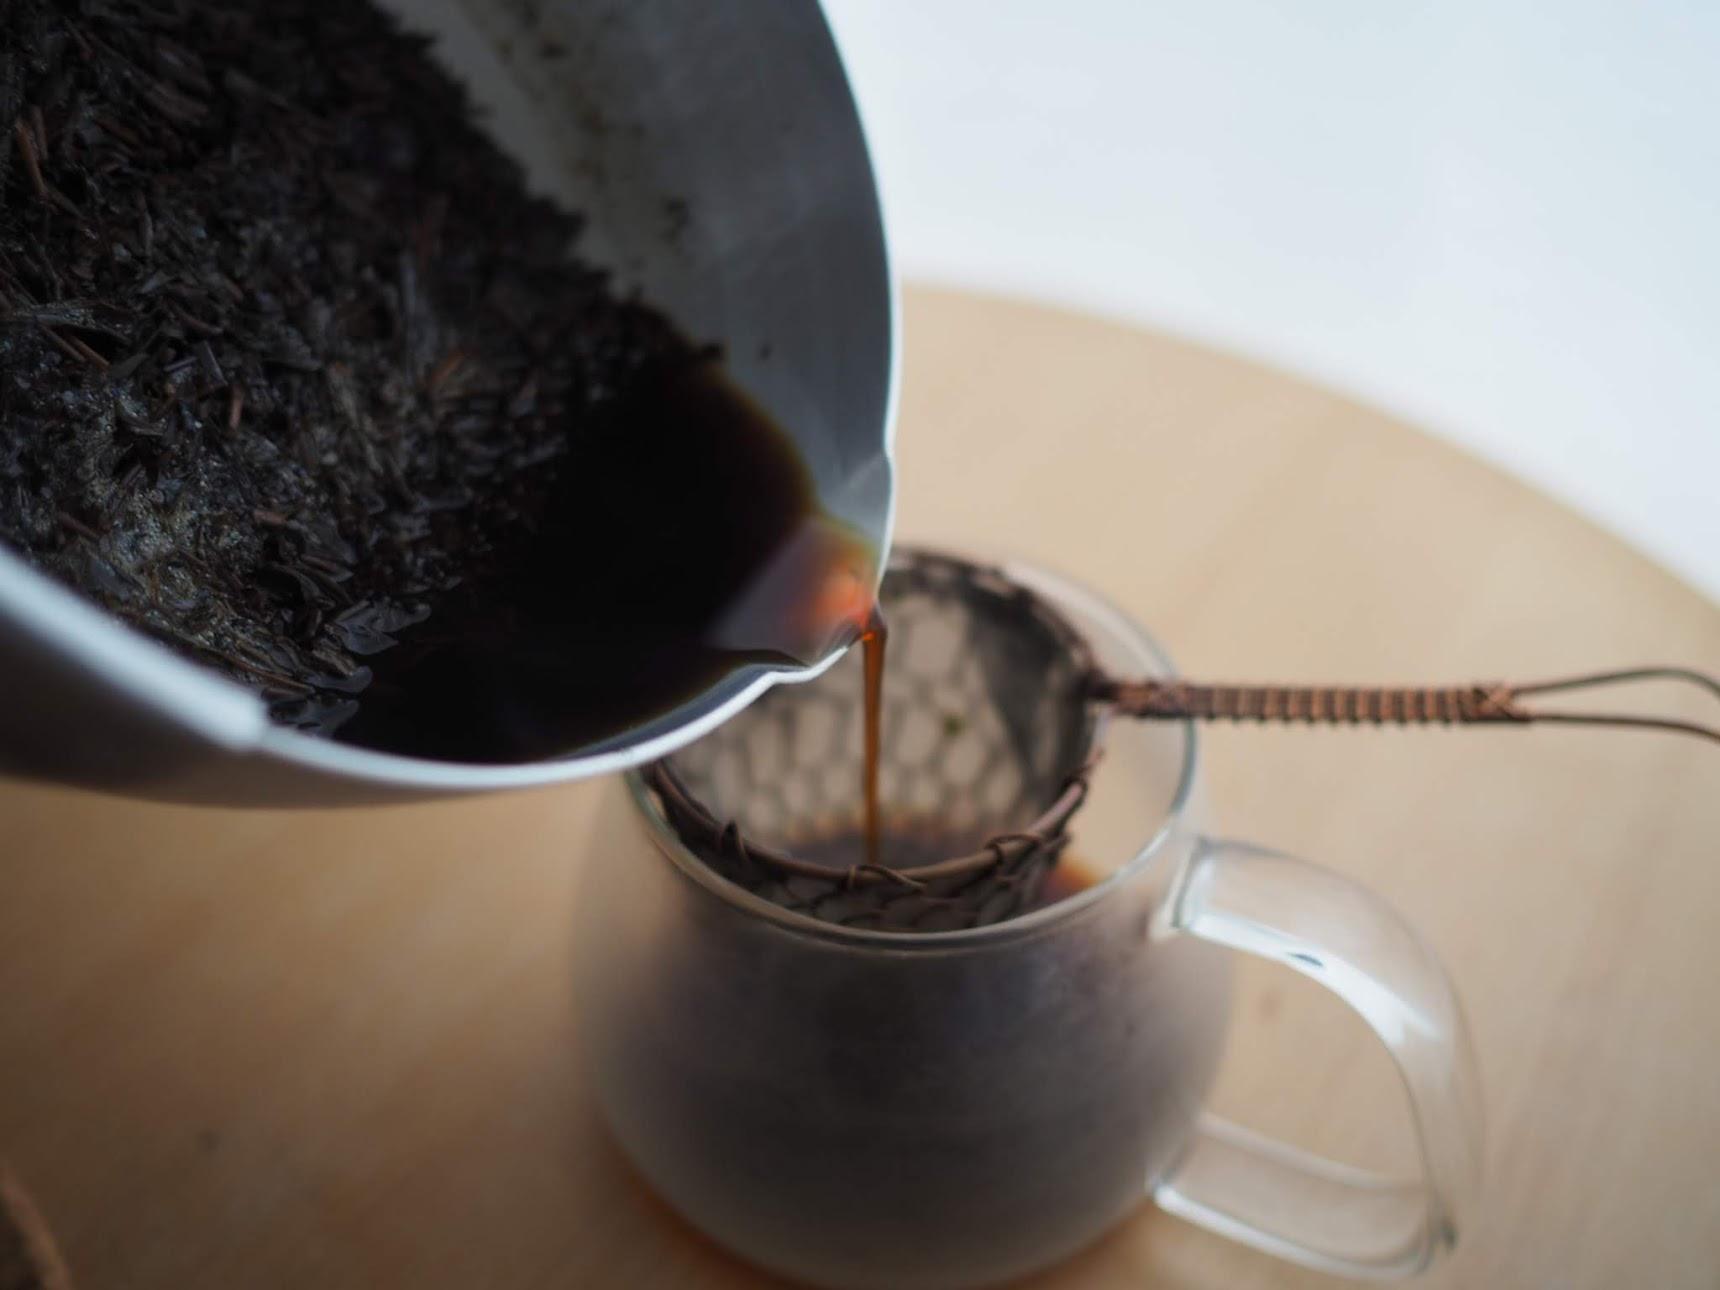 茶こしで茶葉を濾す